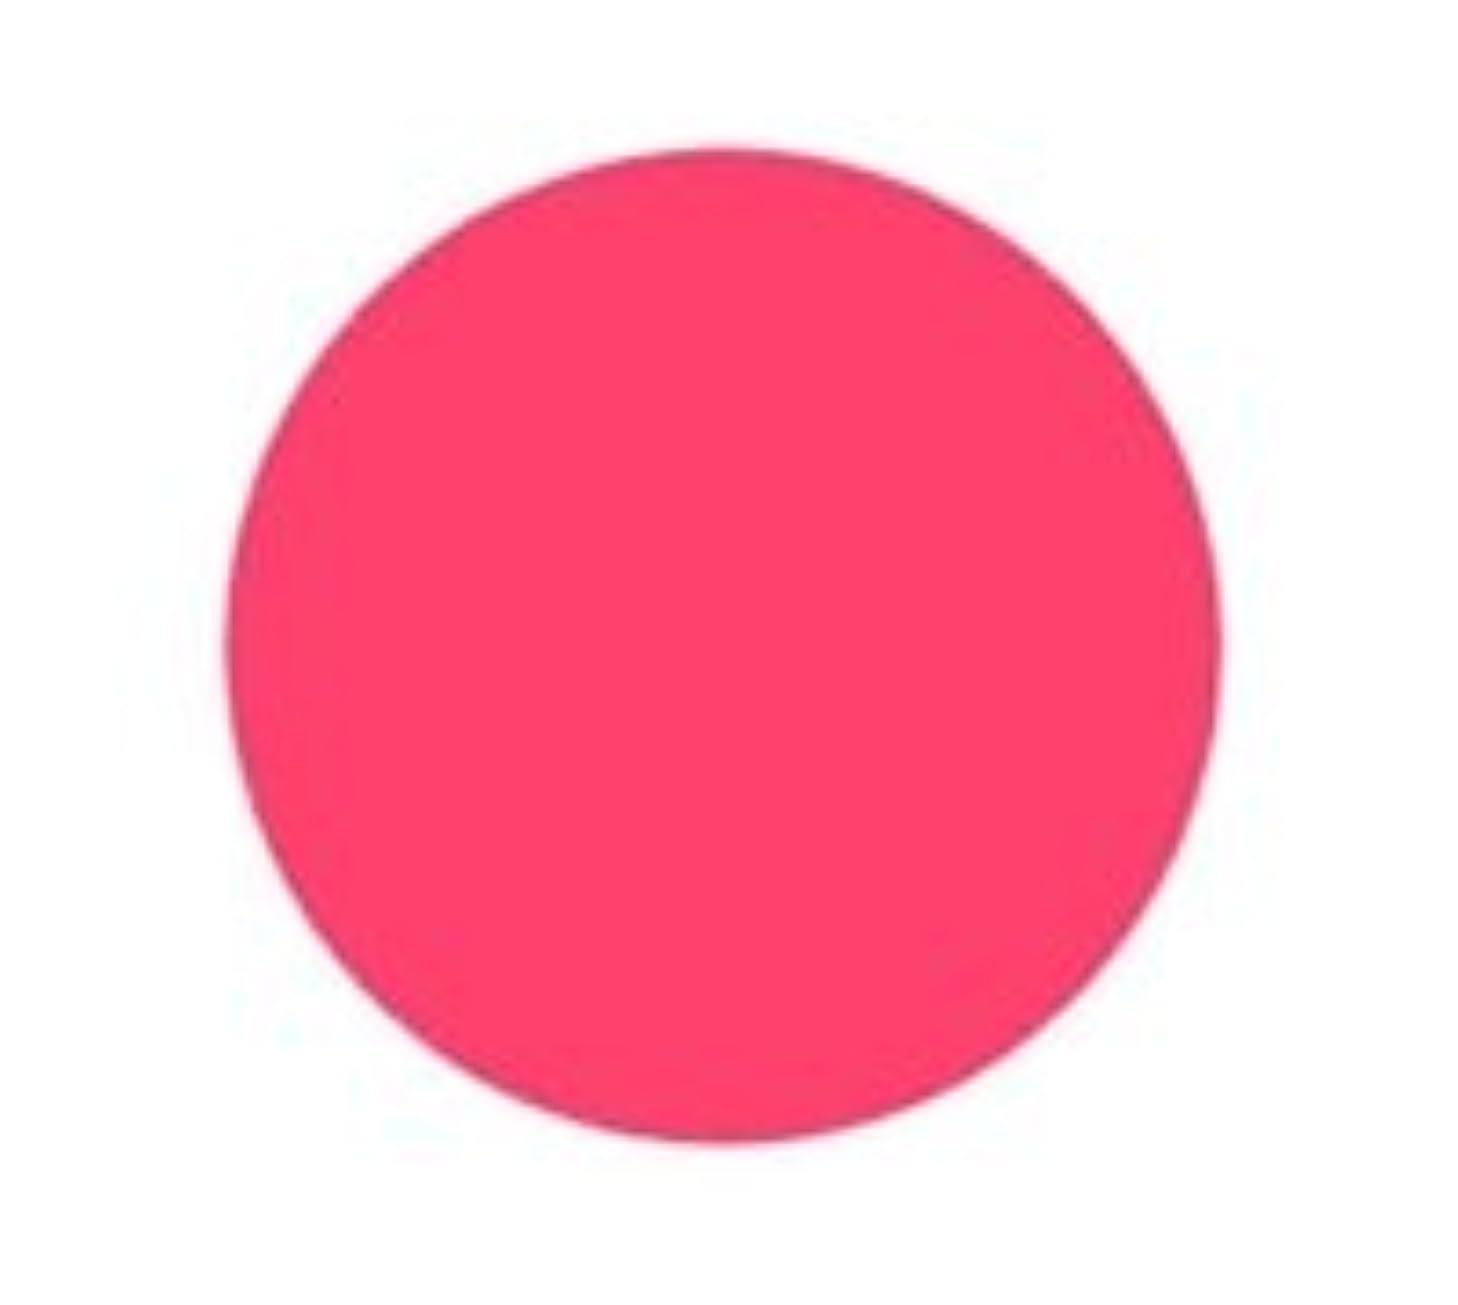 ジュース大臣どちらもBio Sculpture Gel (バイオジェル) カラー2027 パーフェクトピンク